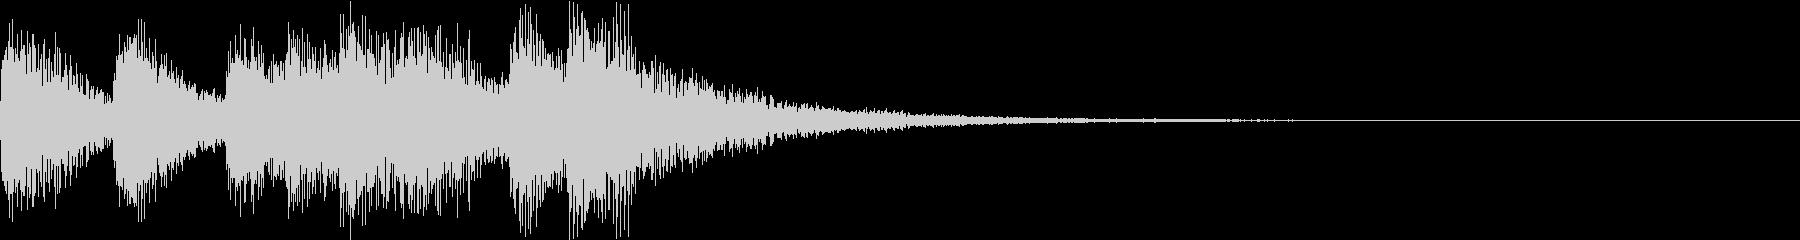 ショート ファンファーレ ベル ブラスCの未再生の波形